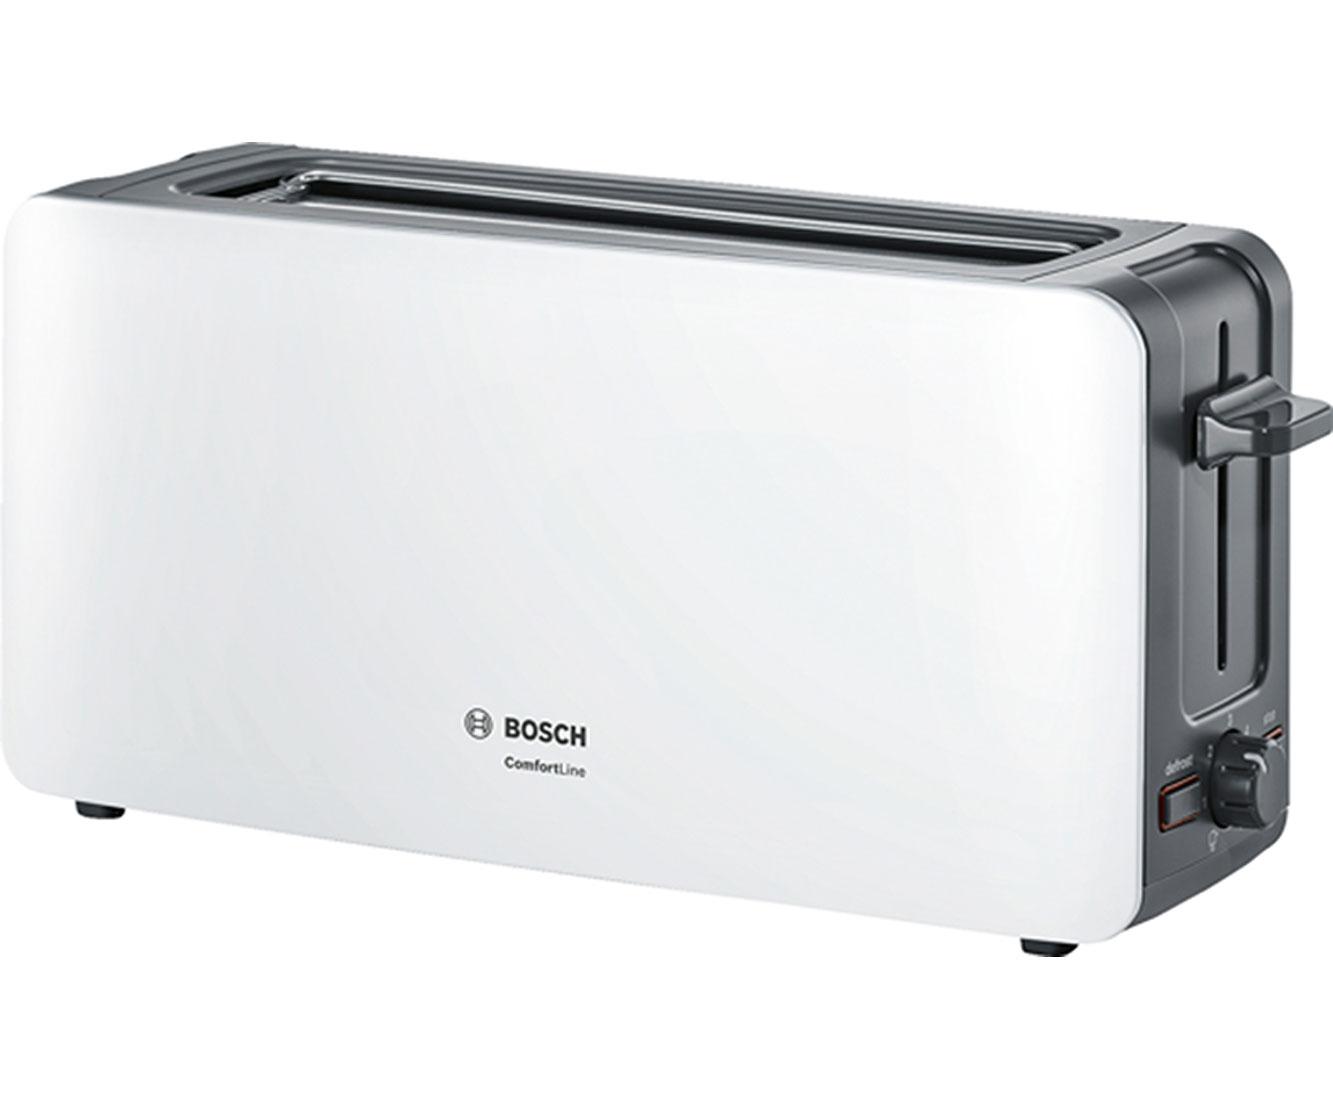 Bosch TAT6A001 Wasserkocher & Toaster - Weiss   Küche und Esszimmer > Küchengeräte > Toaster   Weiss   Bosch